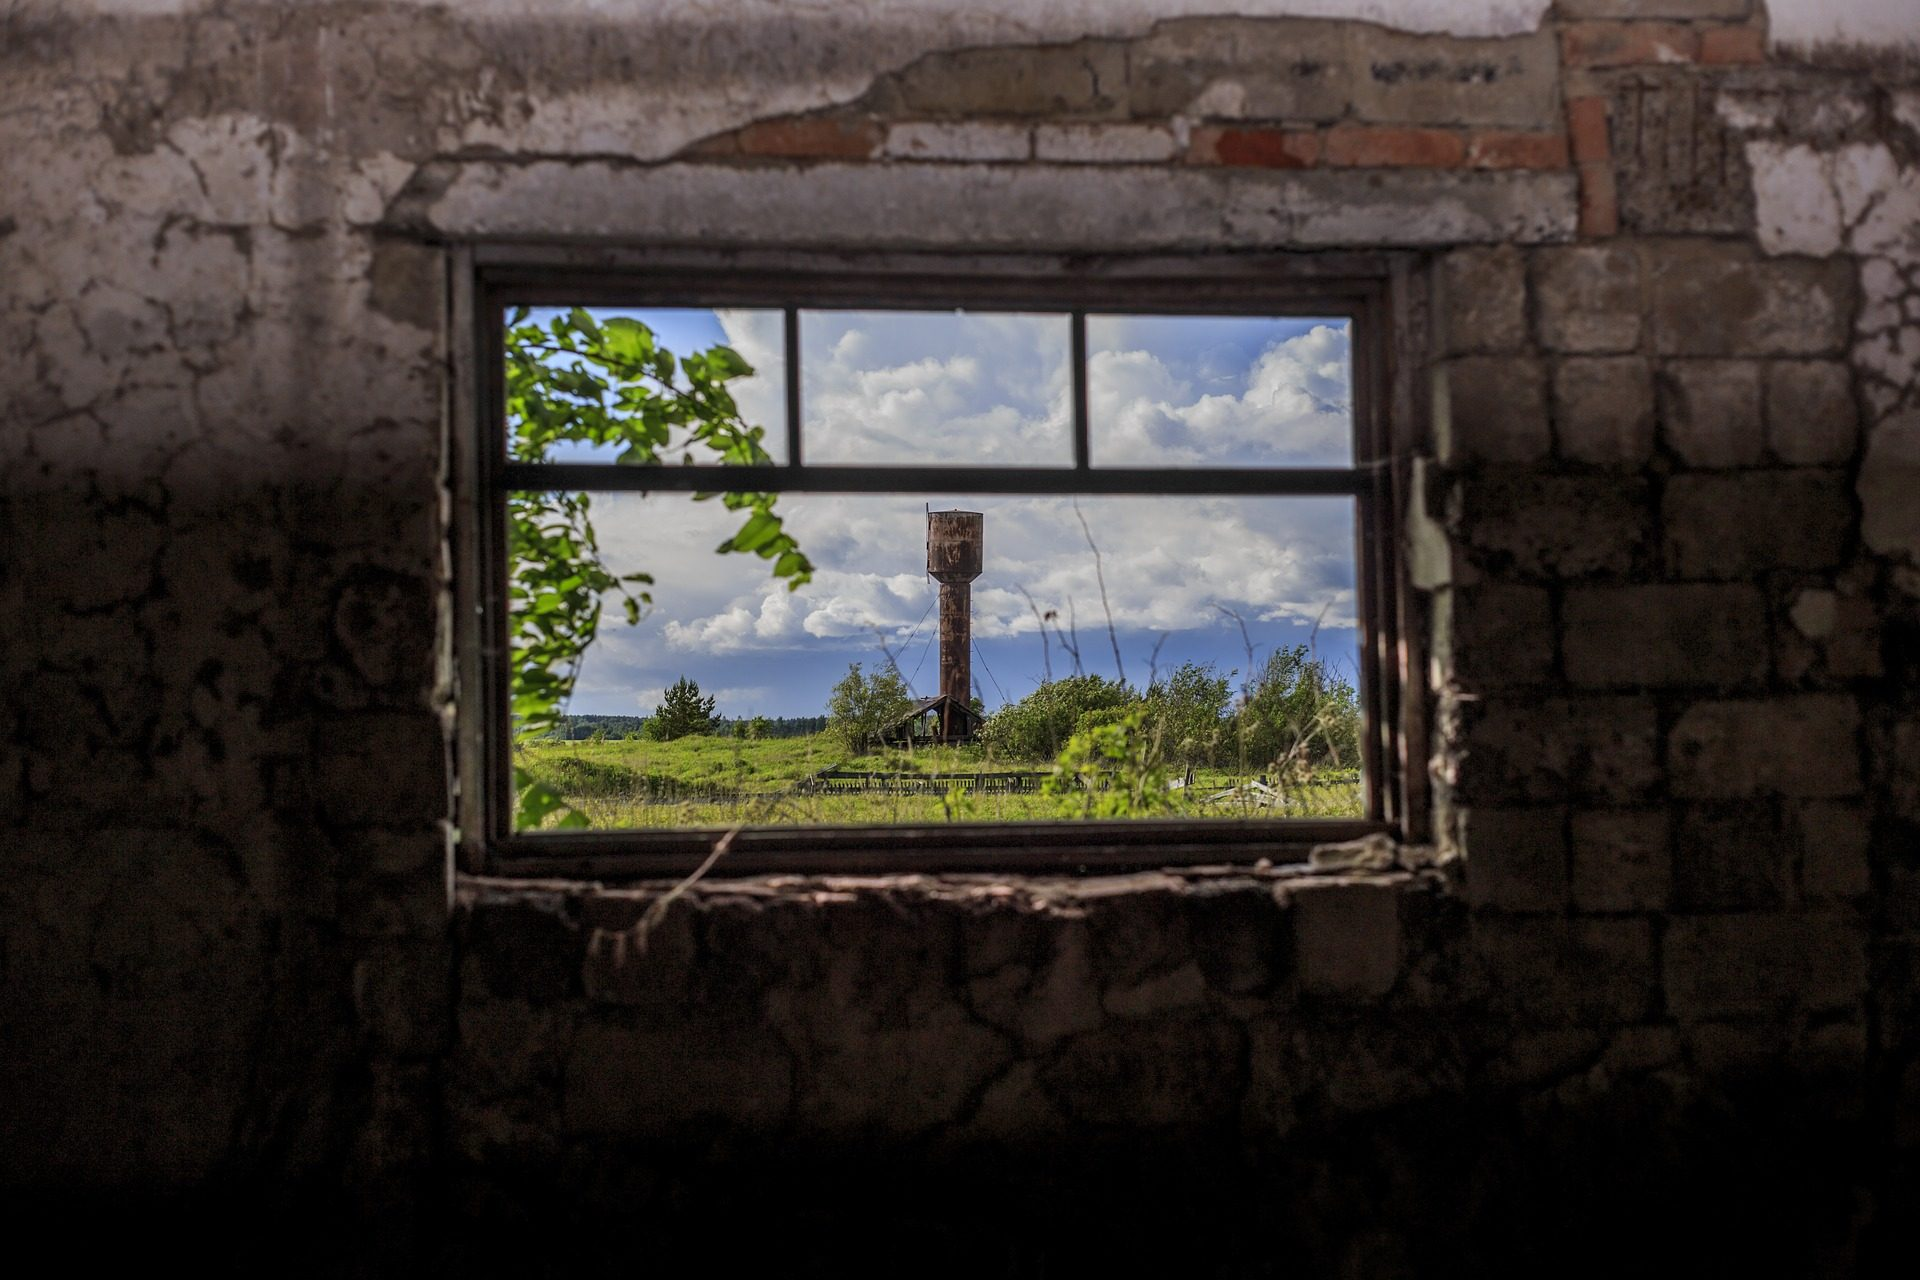 fenêtre de, Mur, bâtiment, vieux, abandonné, saleté - Fonds d'écran HD - Professor-falken.com